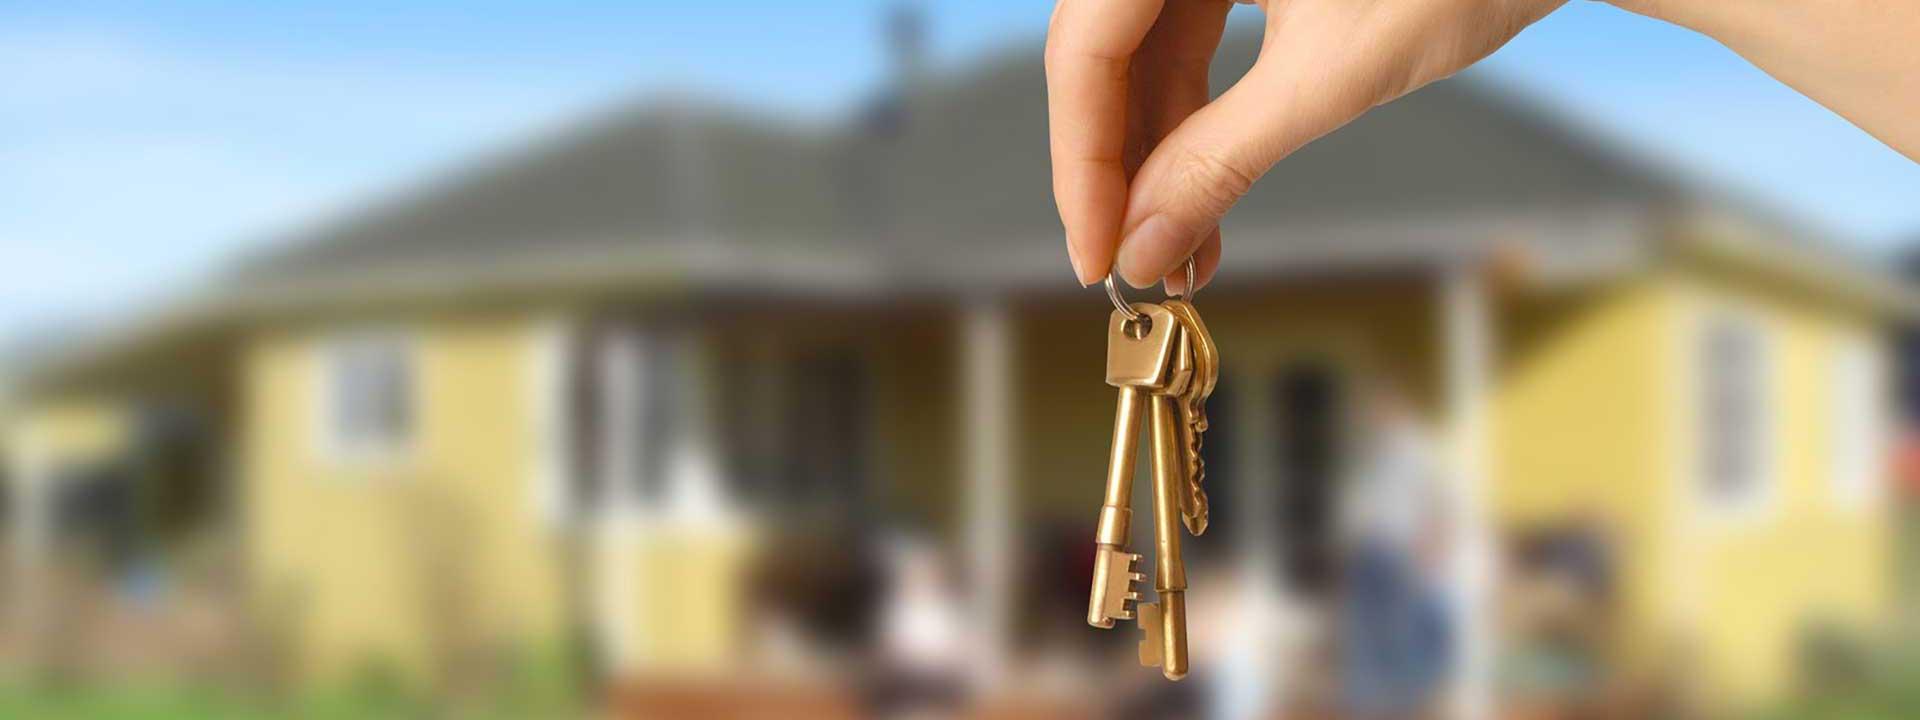 residential-locksmith-nyc-slider